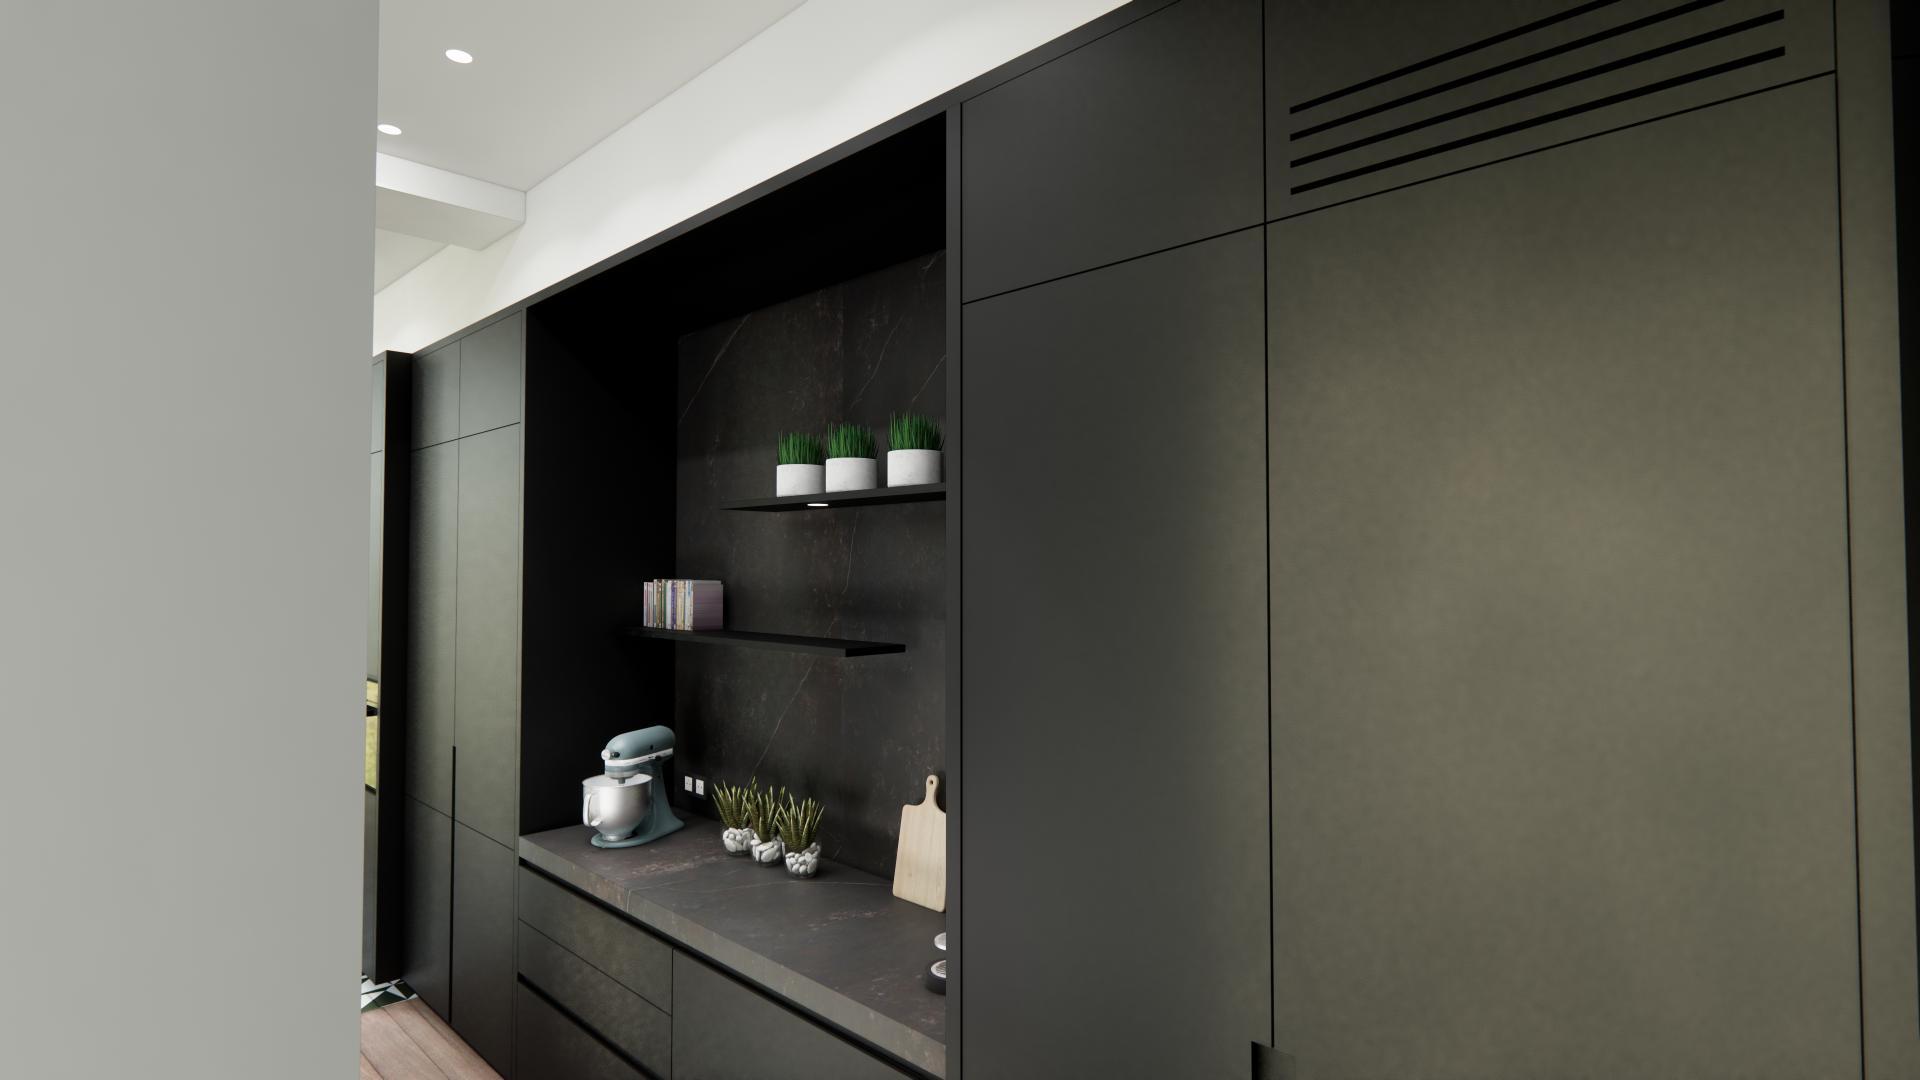 Mur d armoires avec espace dejeuner